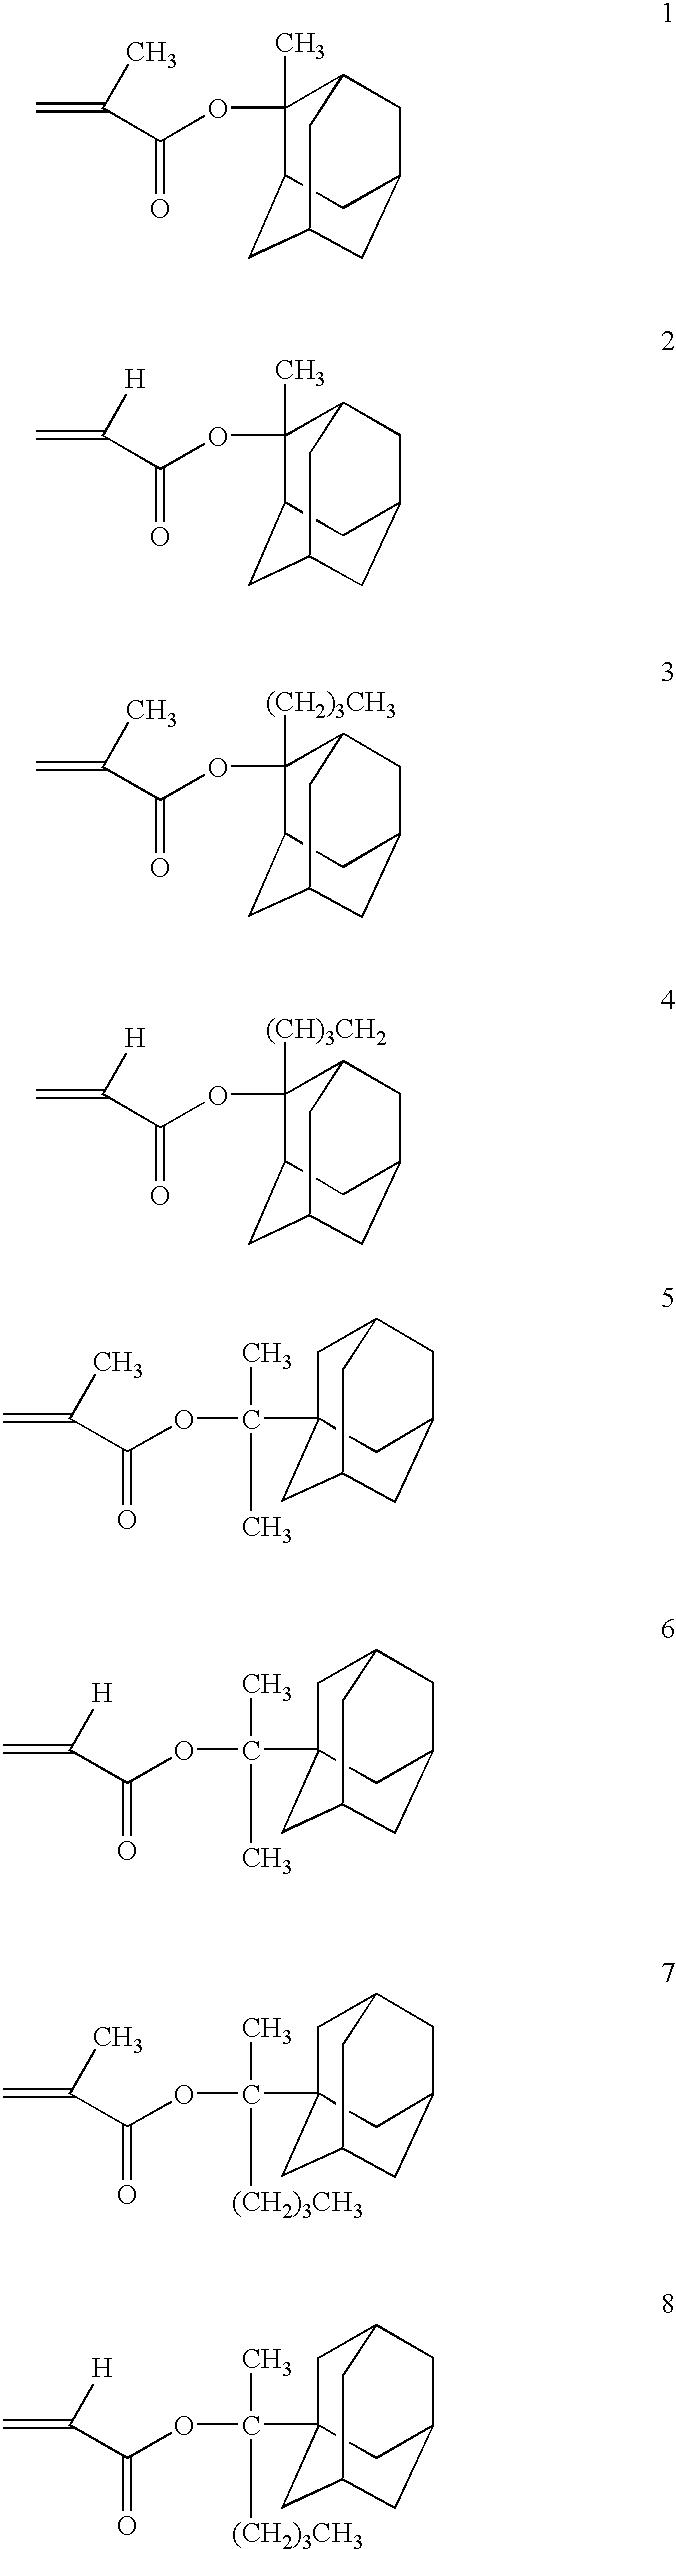 Figure US06596458-20030722-C00033